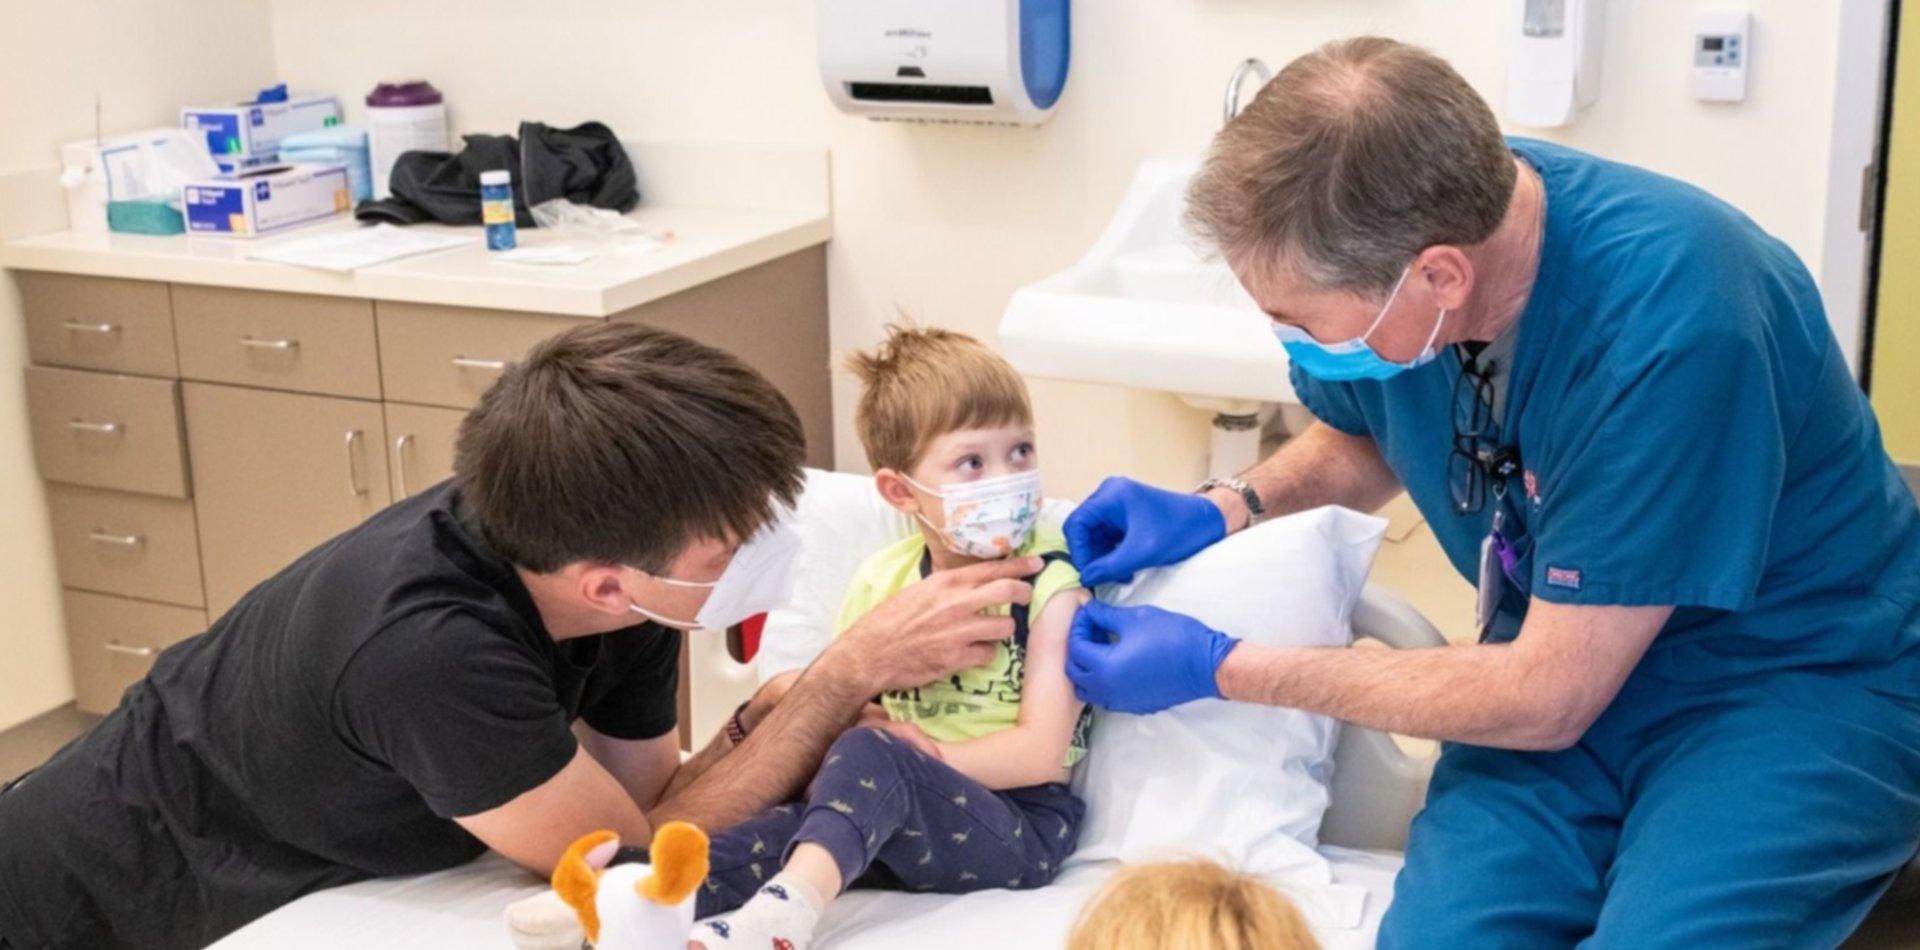 Un estudio confirma que la vacuna Sinopharm es segura en chicos de 3 a 17 años